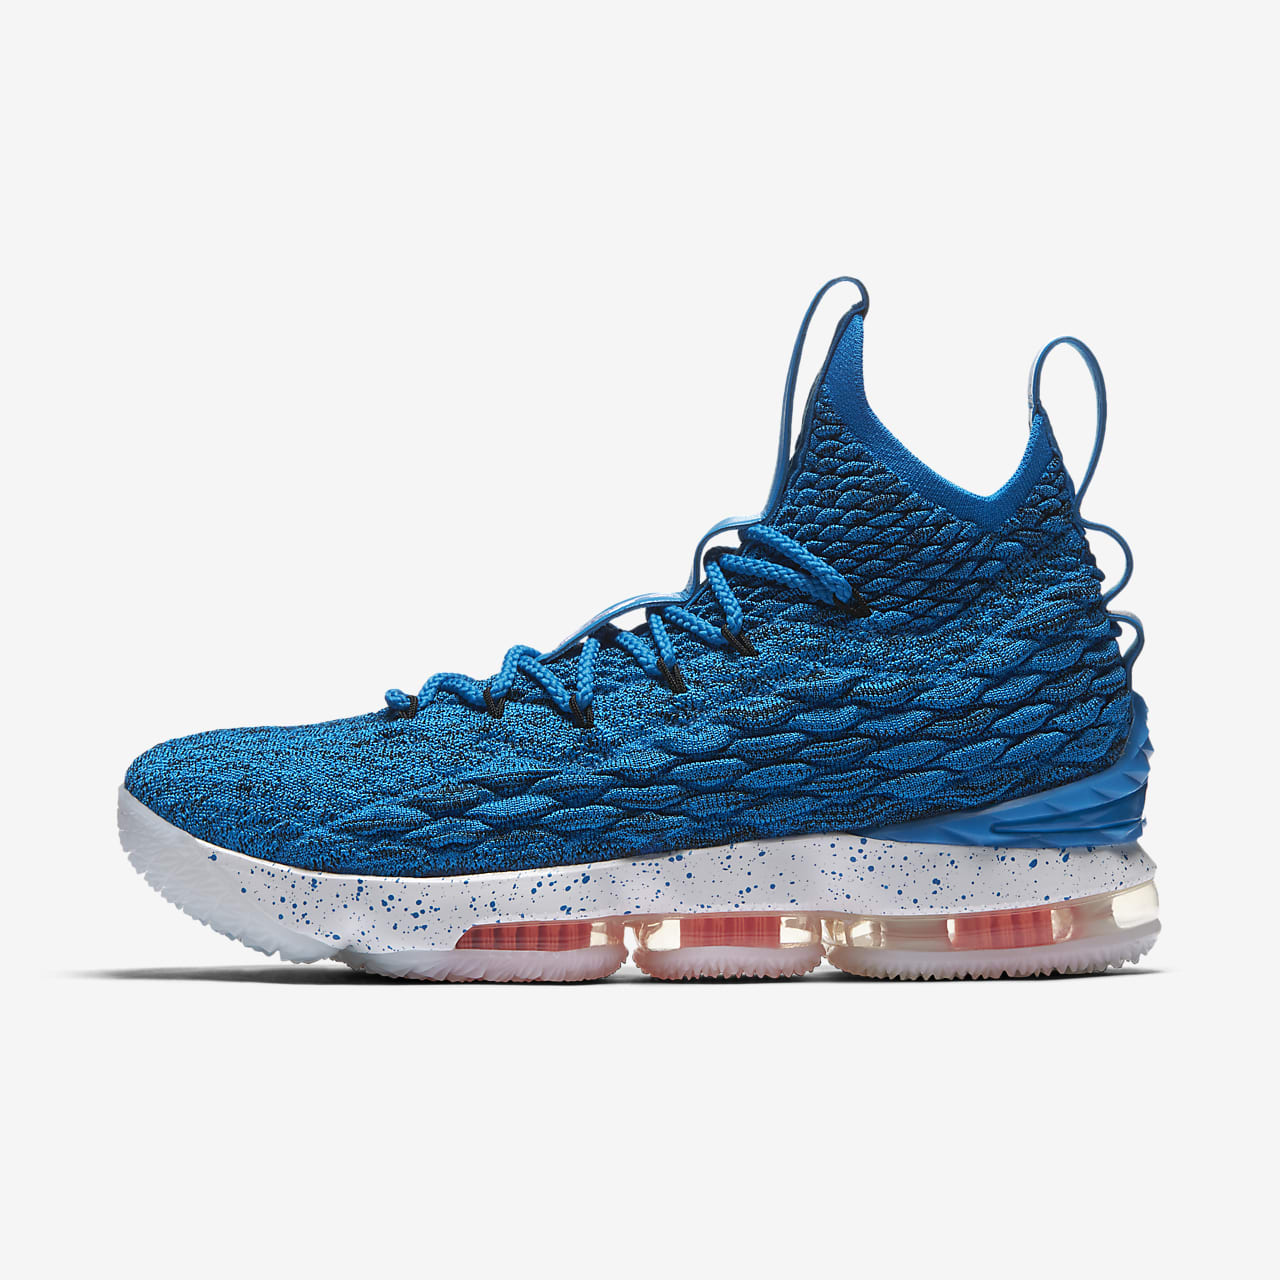 LeBron 15 Basketball Shoe